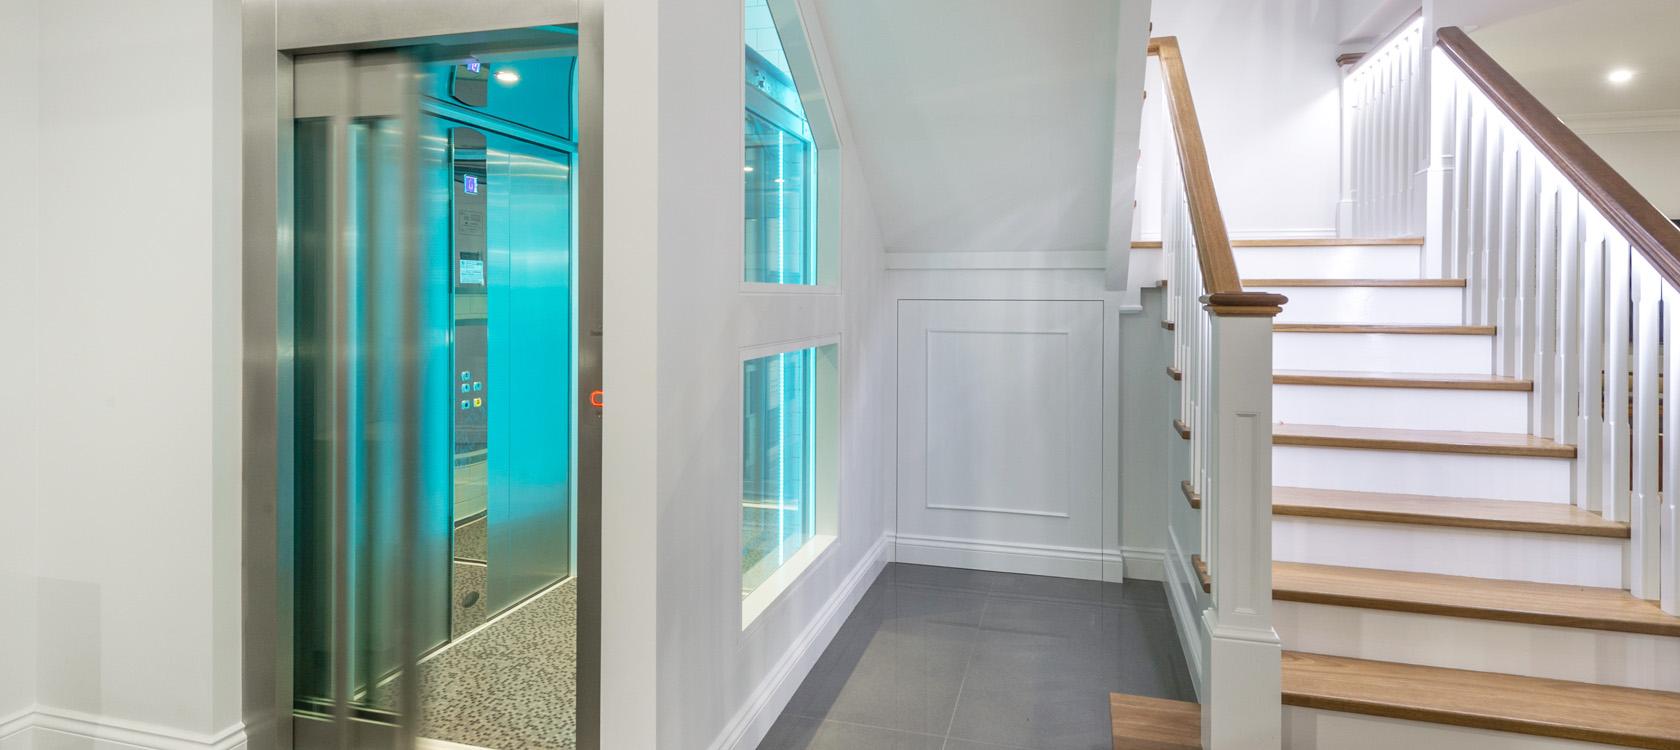 megaband -omatic2 Kan jag installera en hiss i mitt hus?